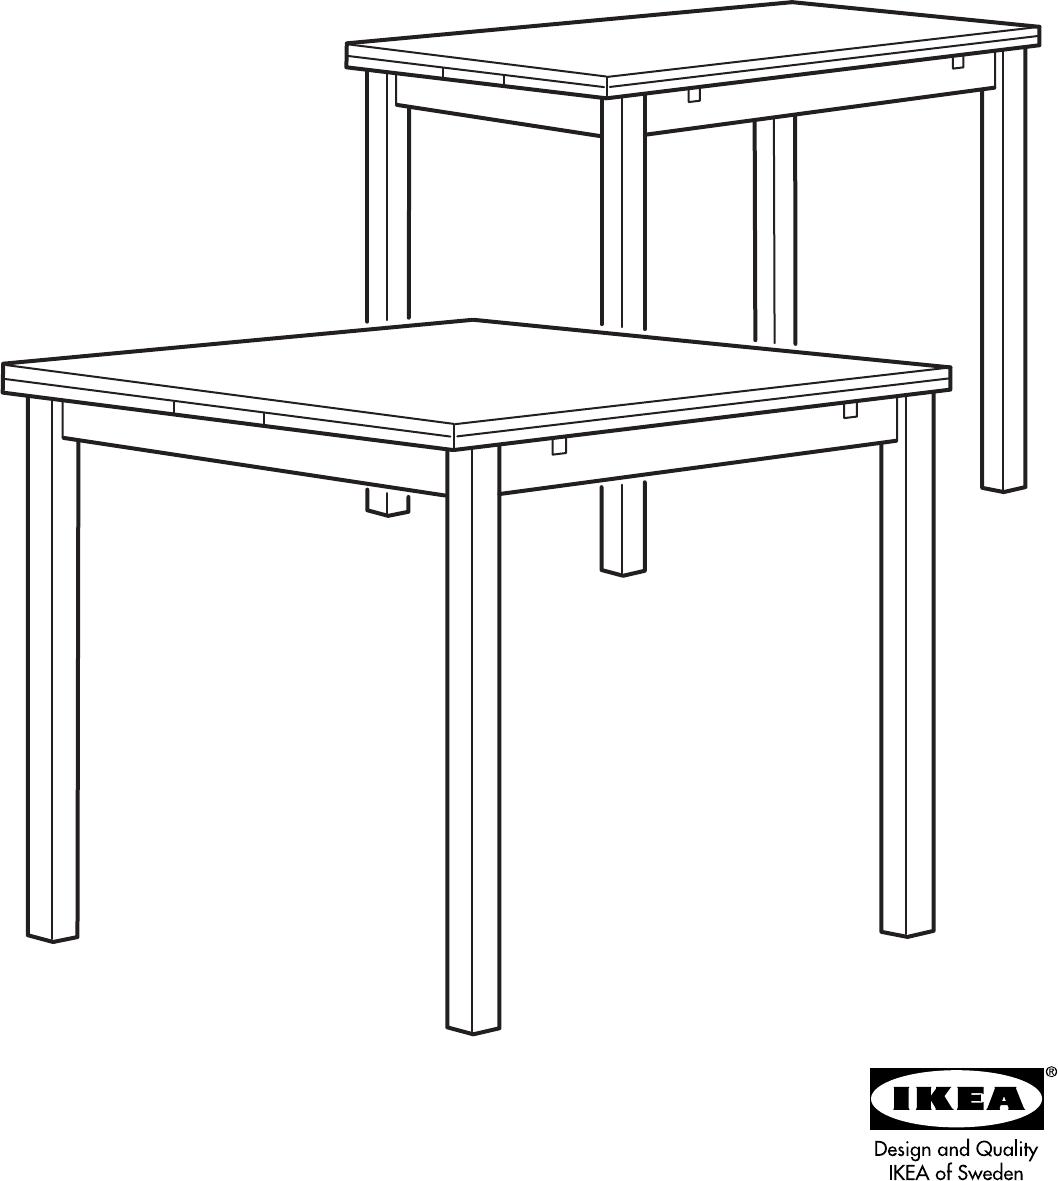 Ikea Tafel Bjursta Uitschuifbaar.Handleiding Ikea Bjursta Pagina 1 Van 12 Dansk Deutsch